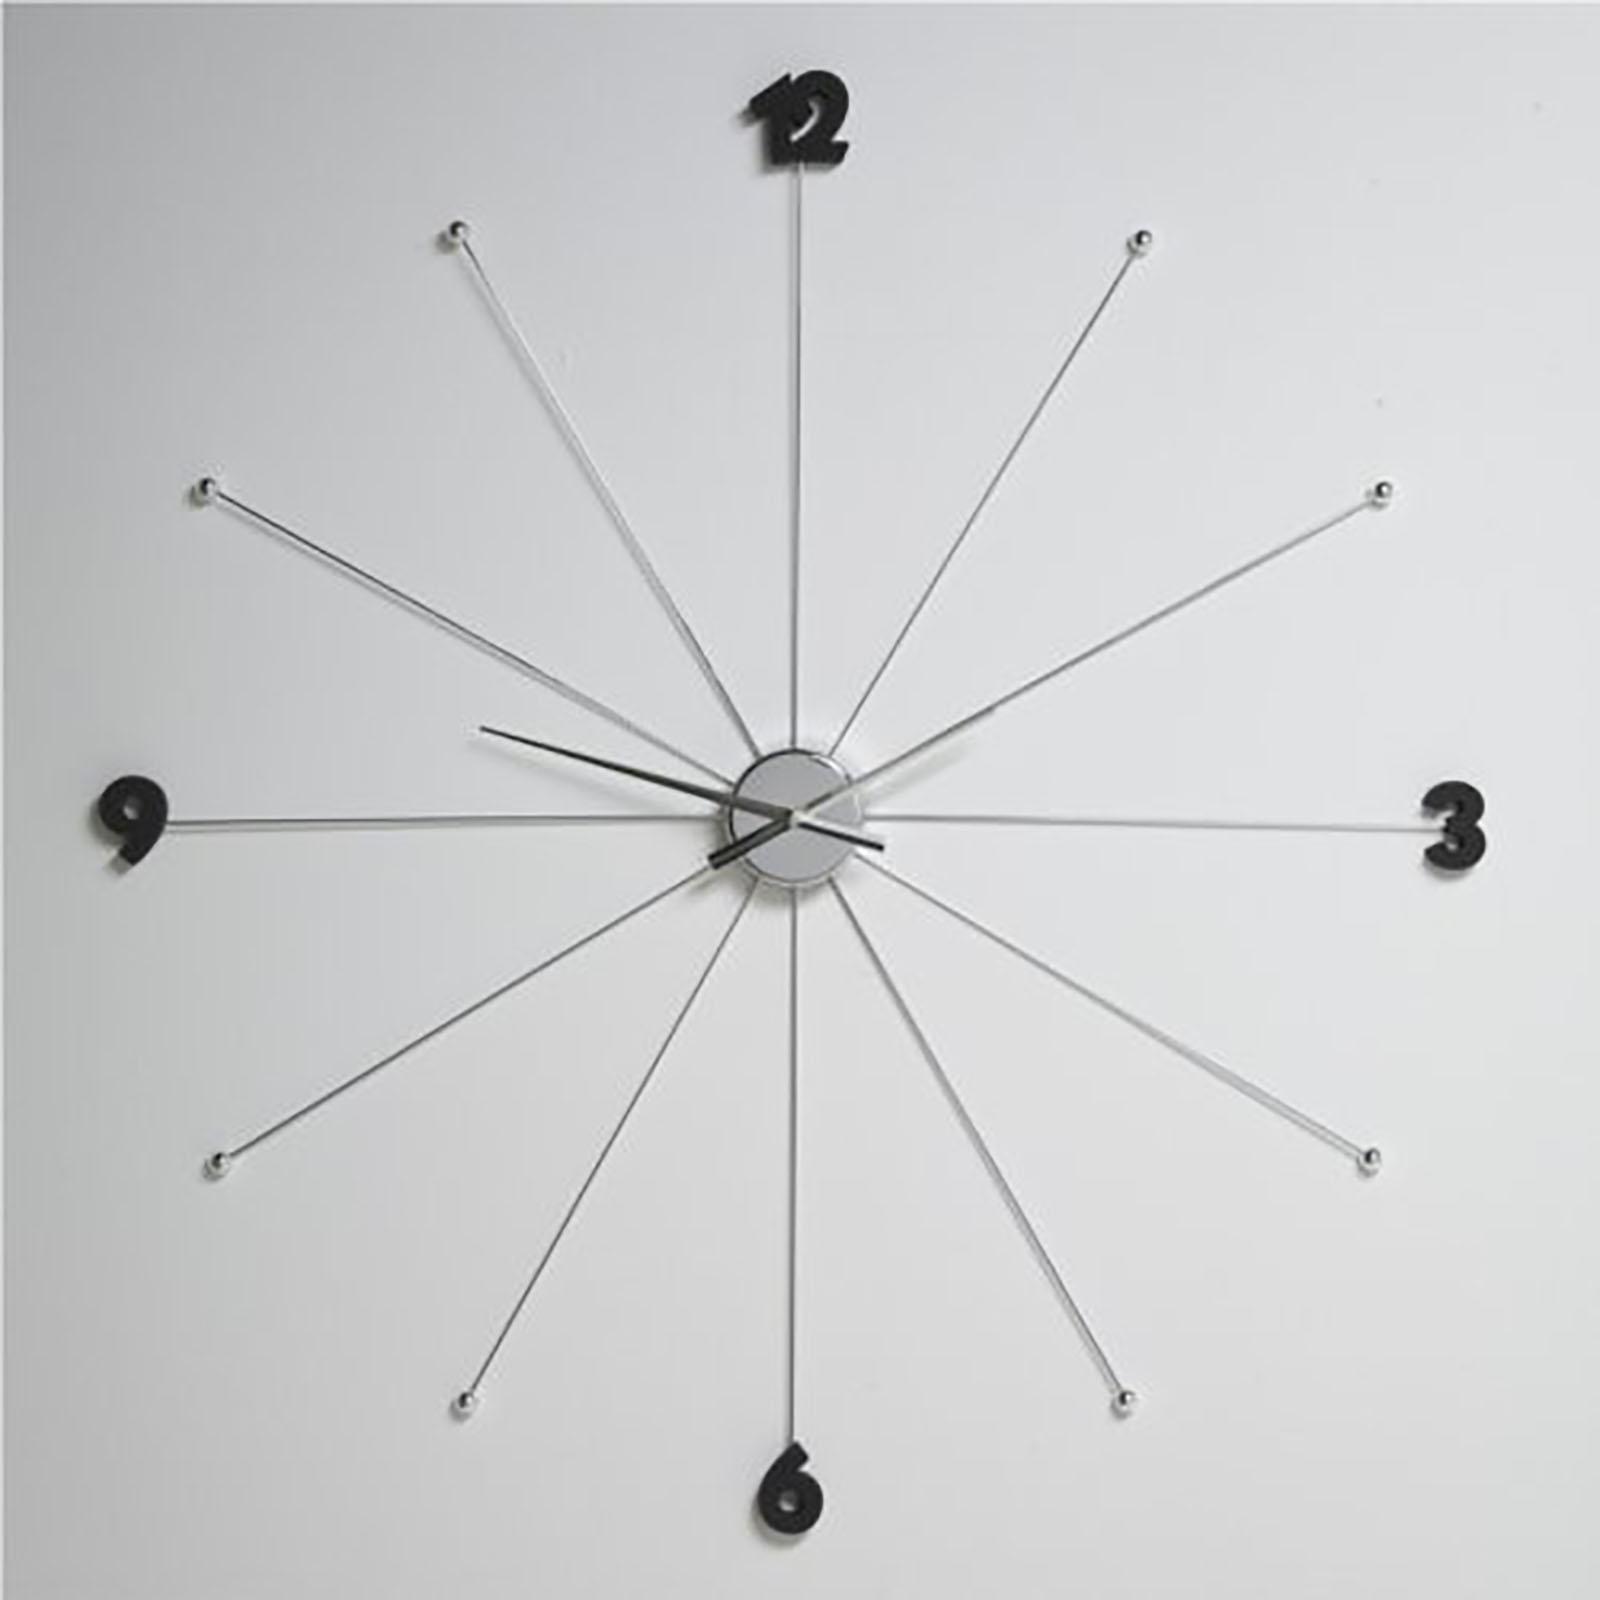 grosse design wanduhr 99cm uhr k chenuhr silber. Black Bedroom Furniture Sets. Home Design Ideas